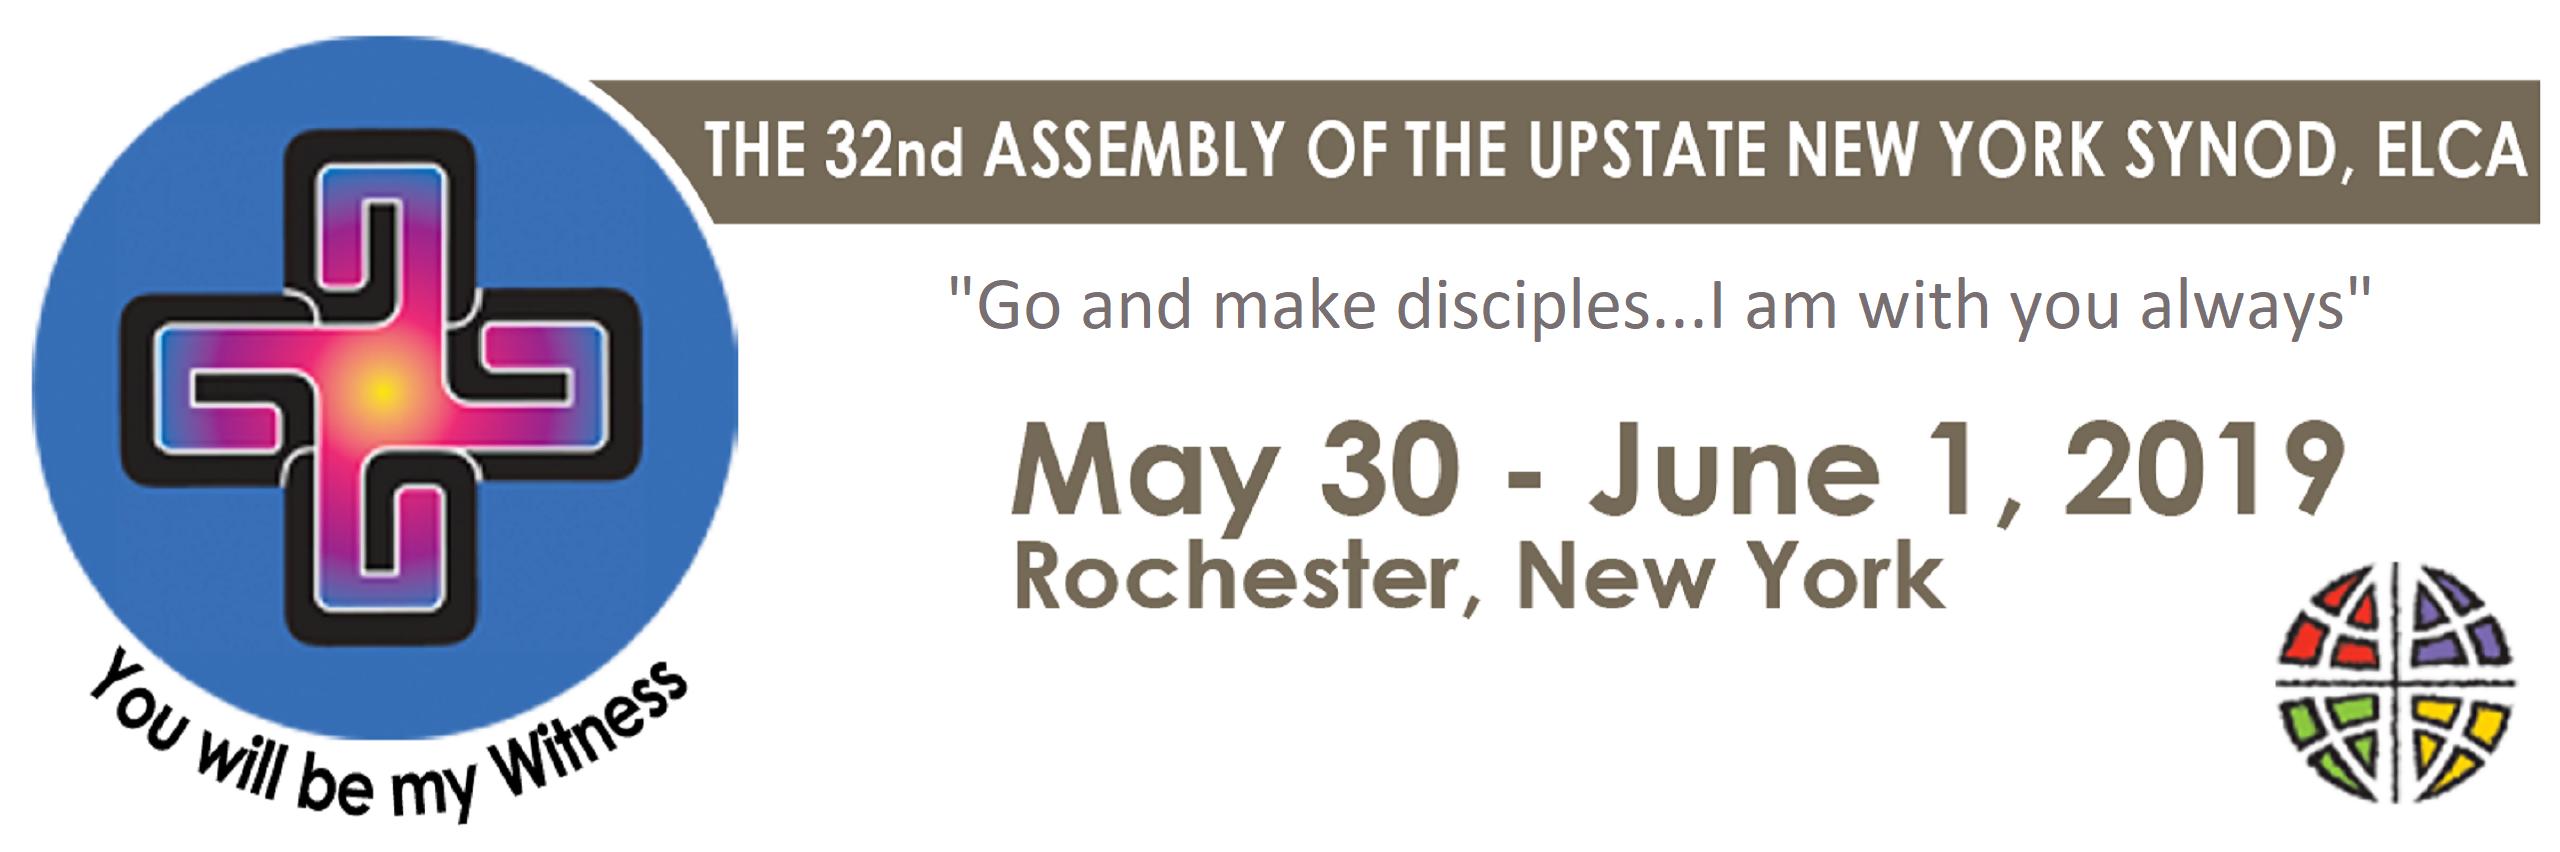 Upstate NY Synod